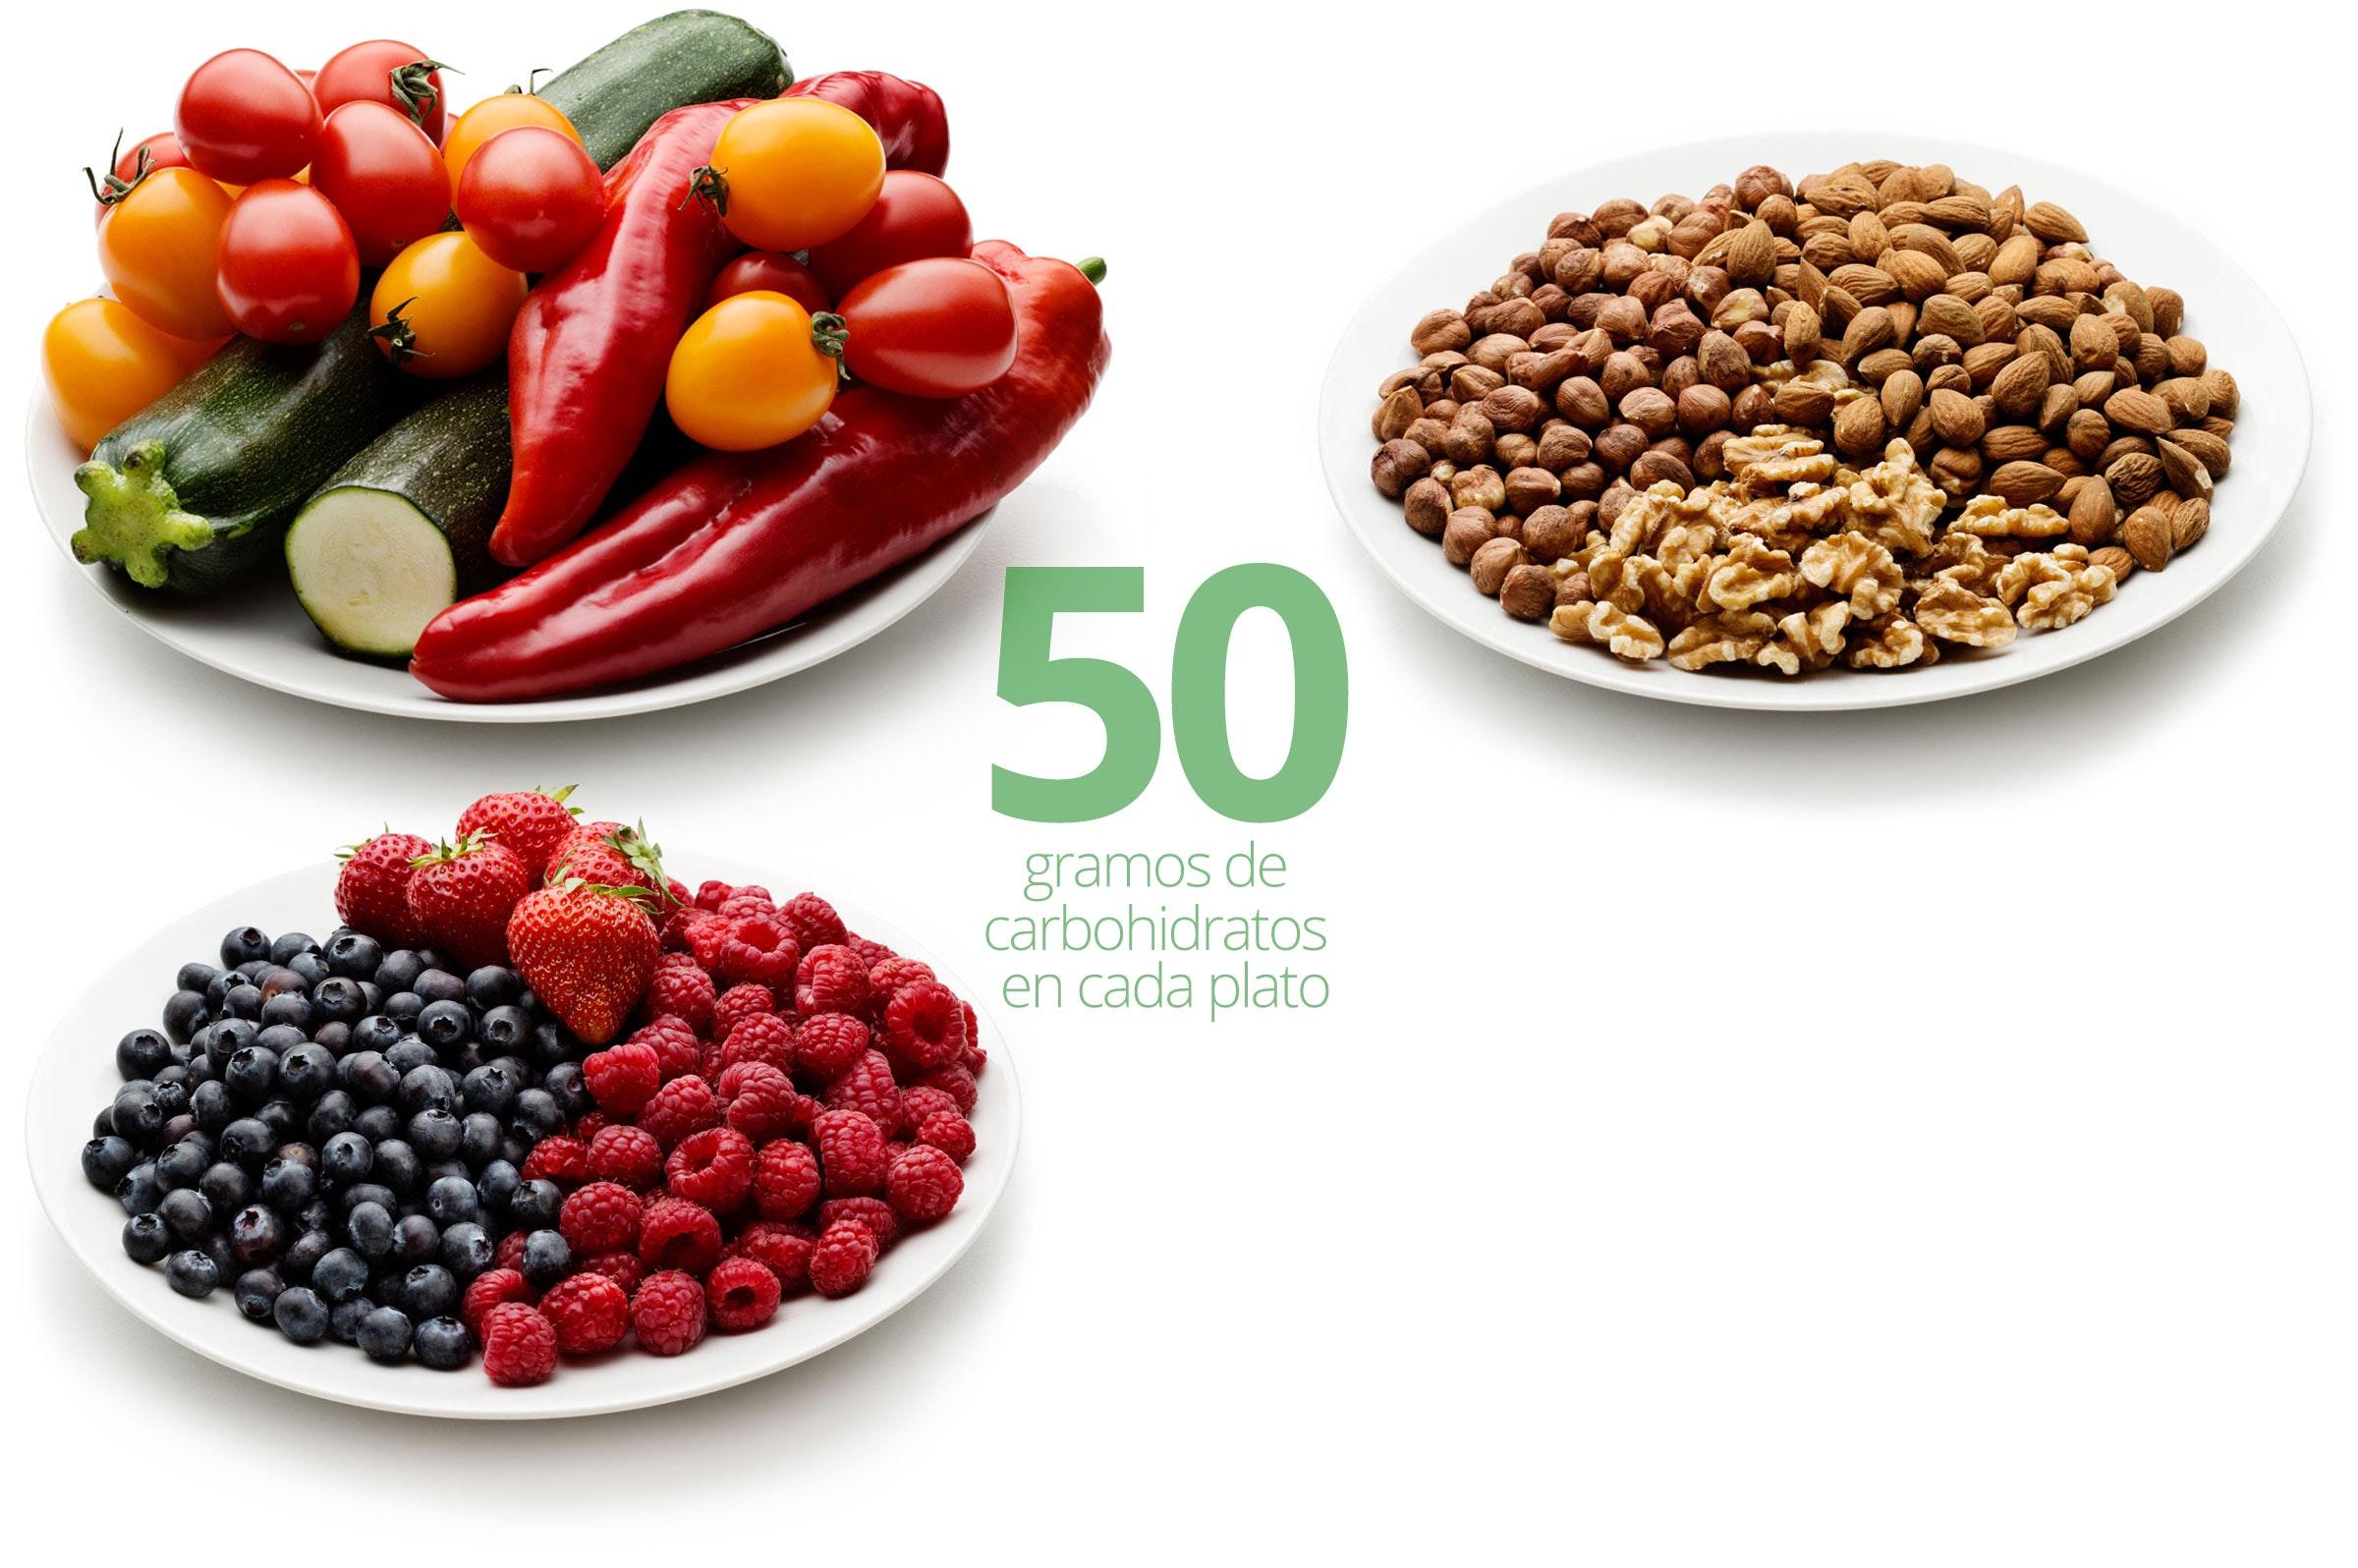 Dieta con pocos hidratos de carbono alimentos